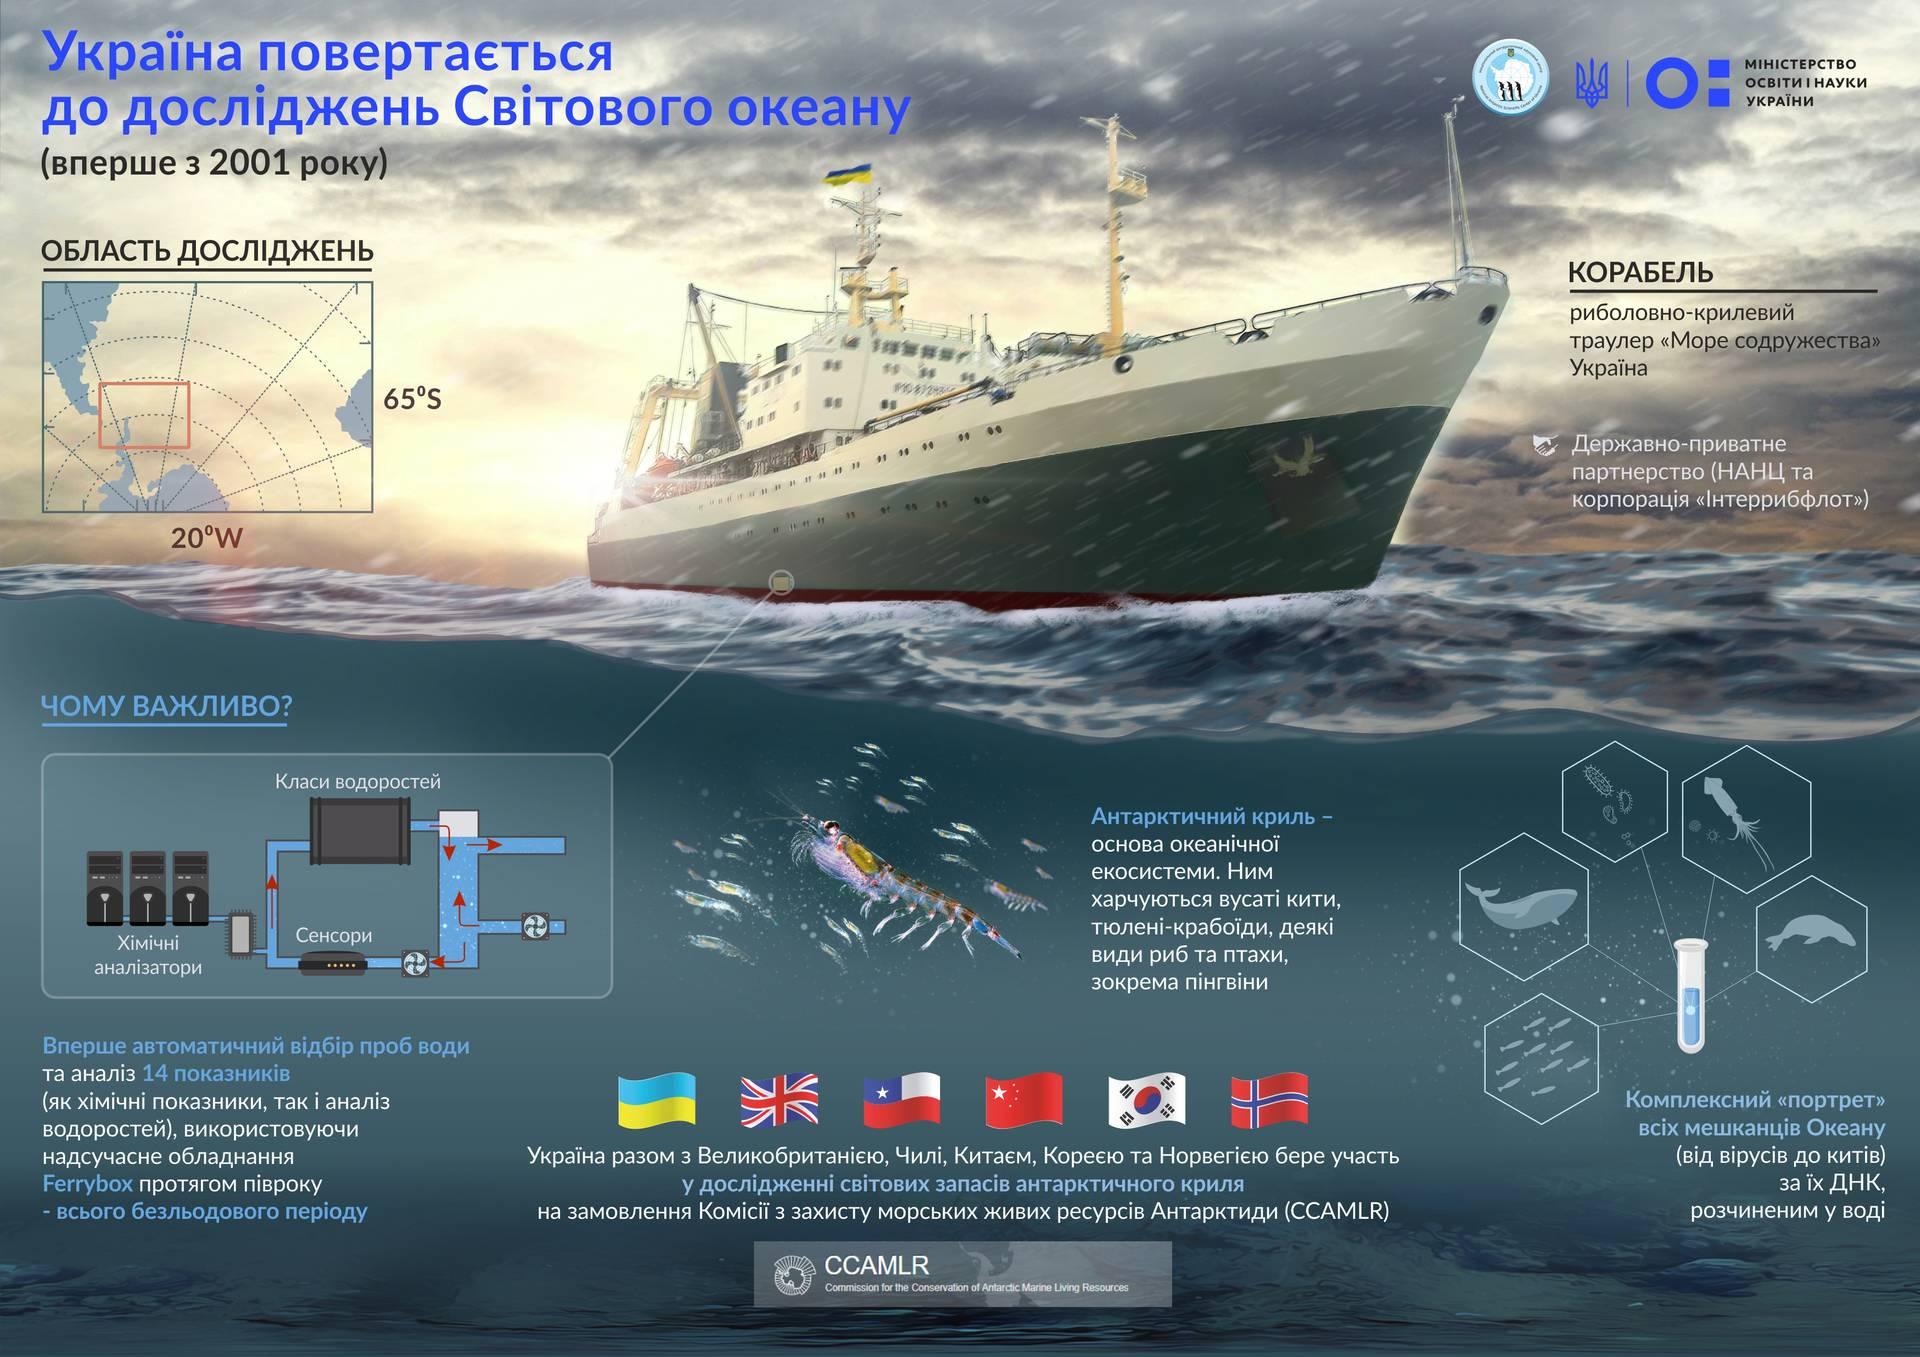 Опис завдань української команди вчених у дослідженні Південного океану та плану поїздки